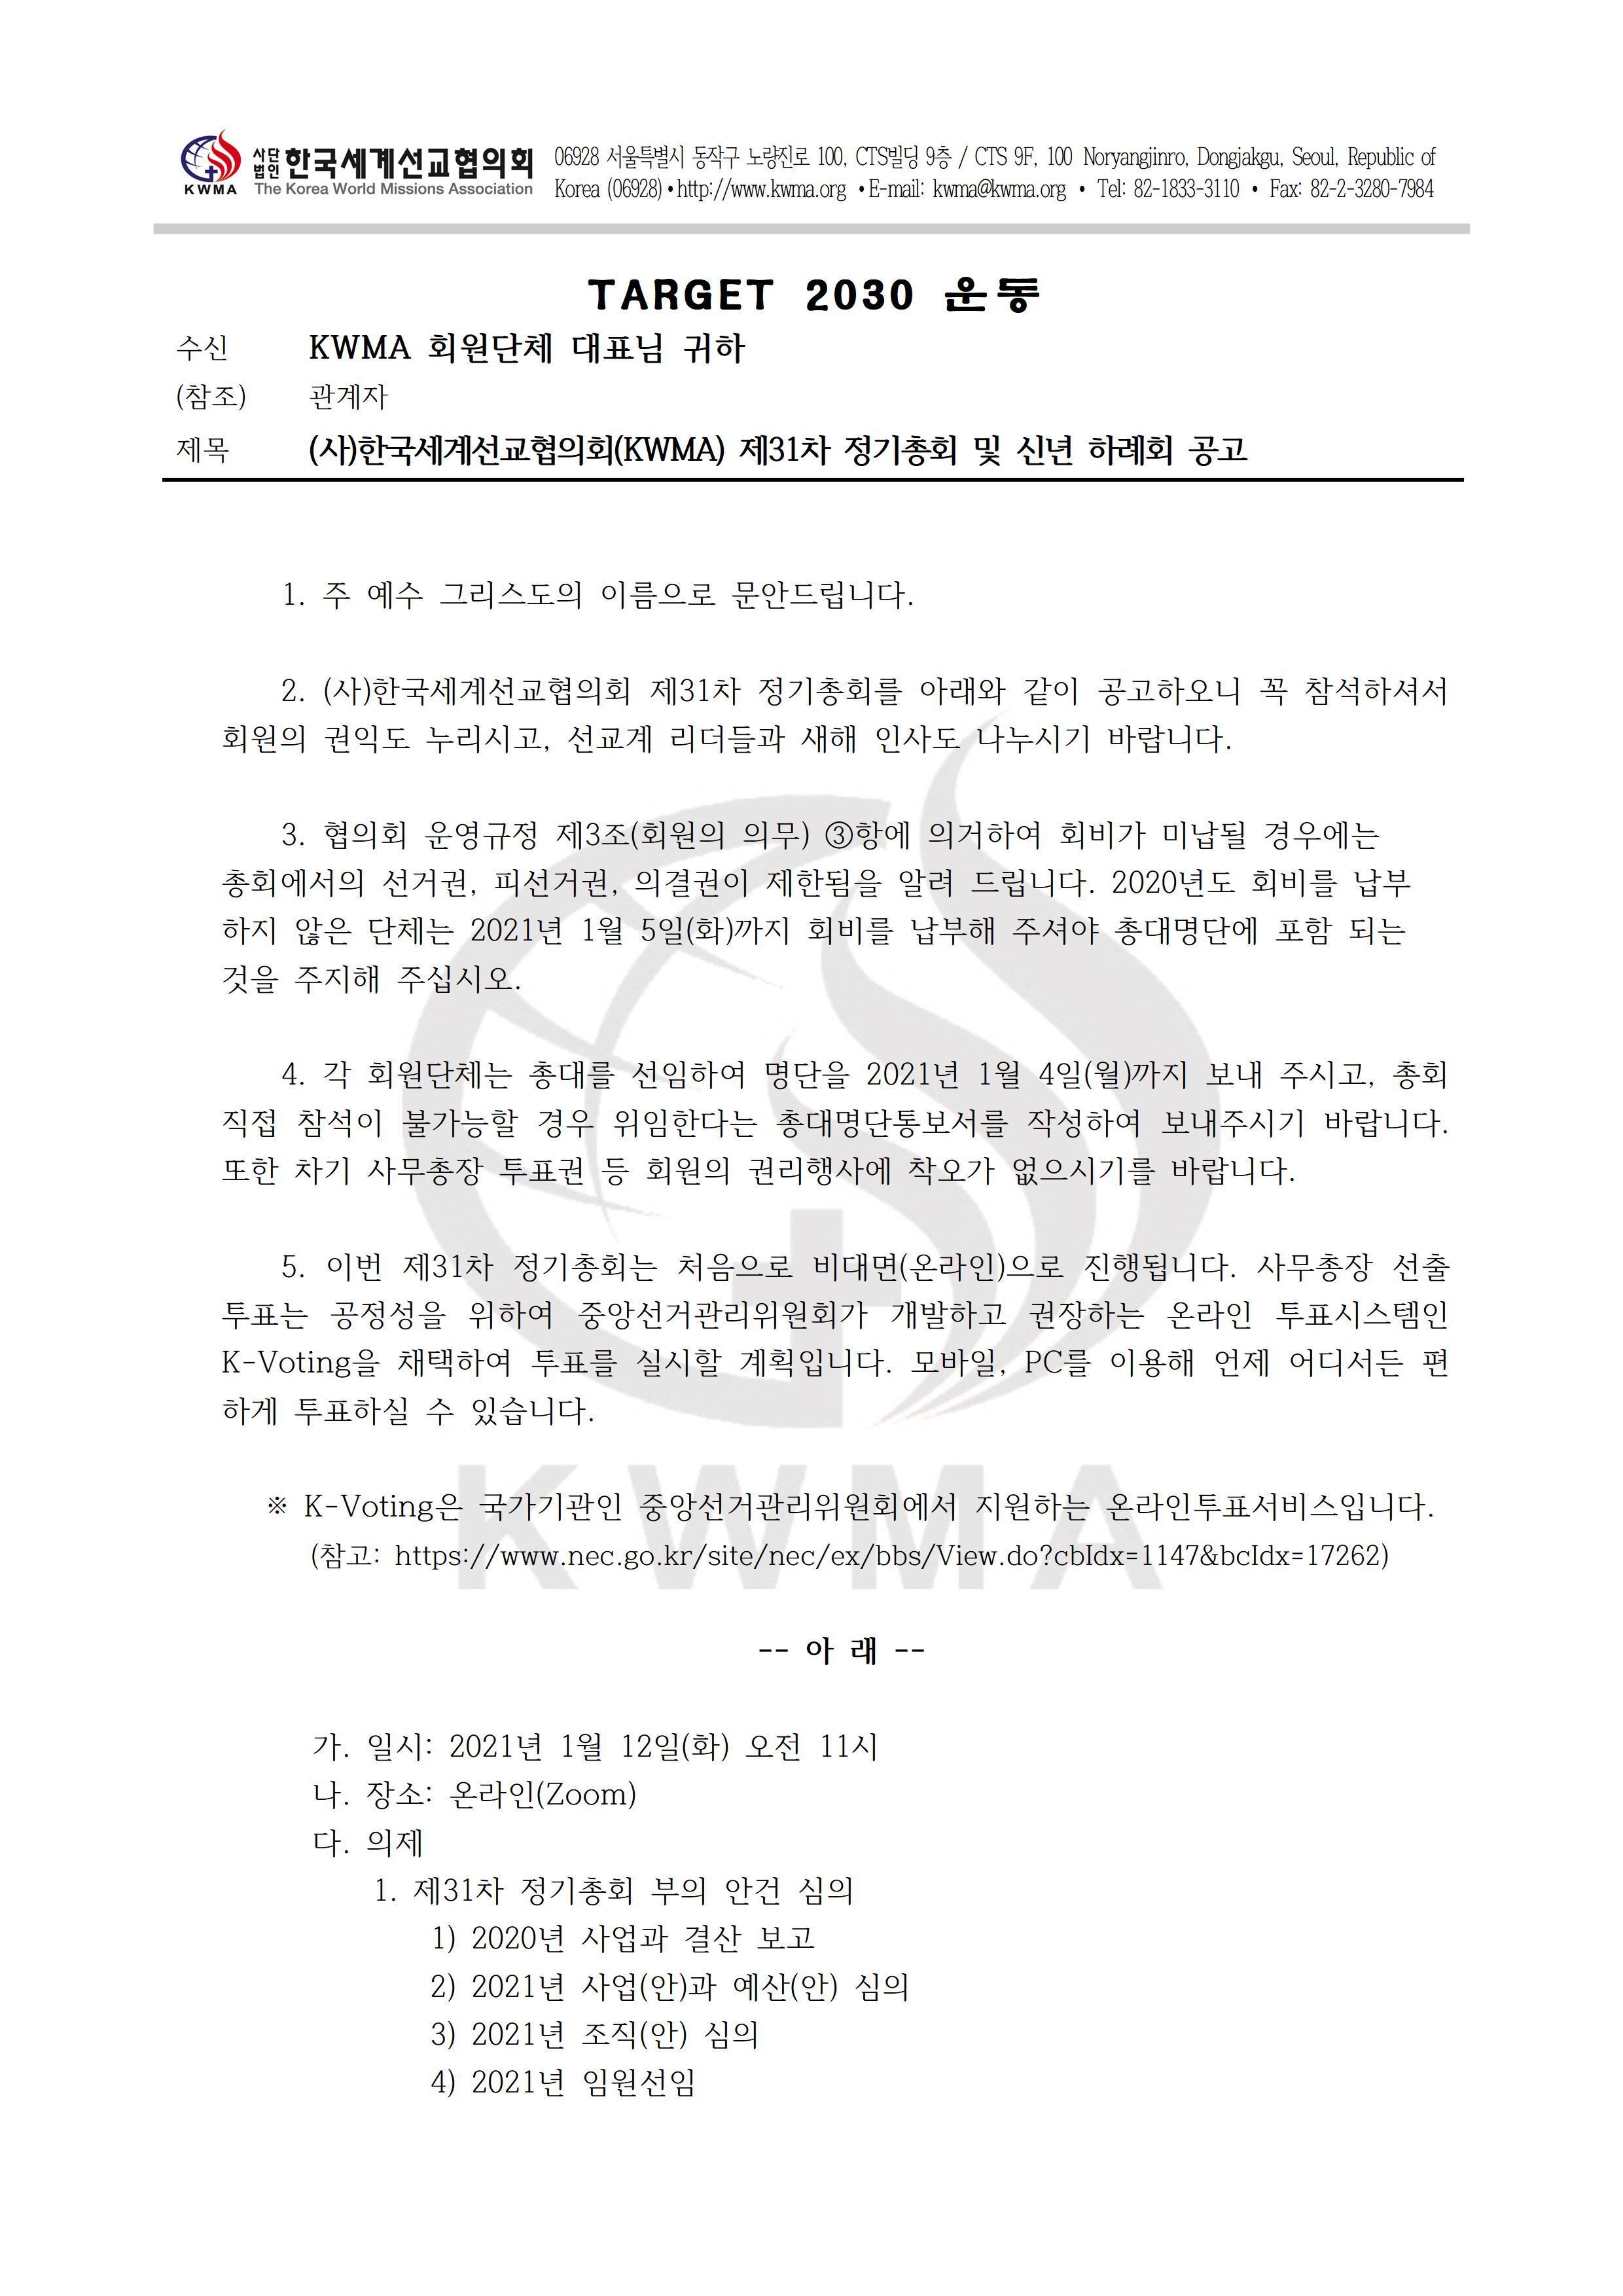 행정03-105_제31차 KWMA 정기총회 소집 안내001.jpg